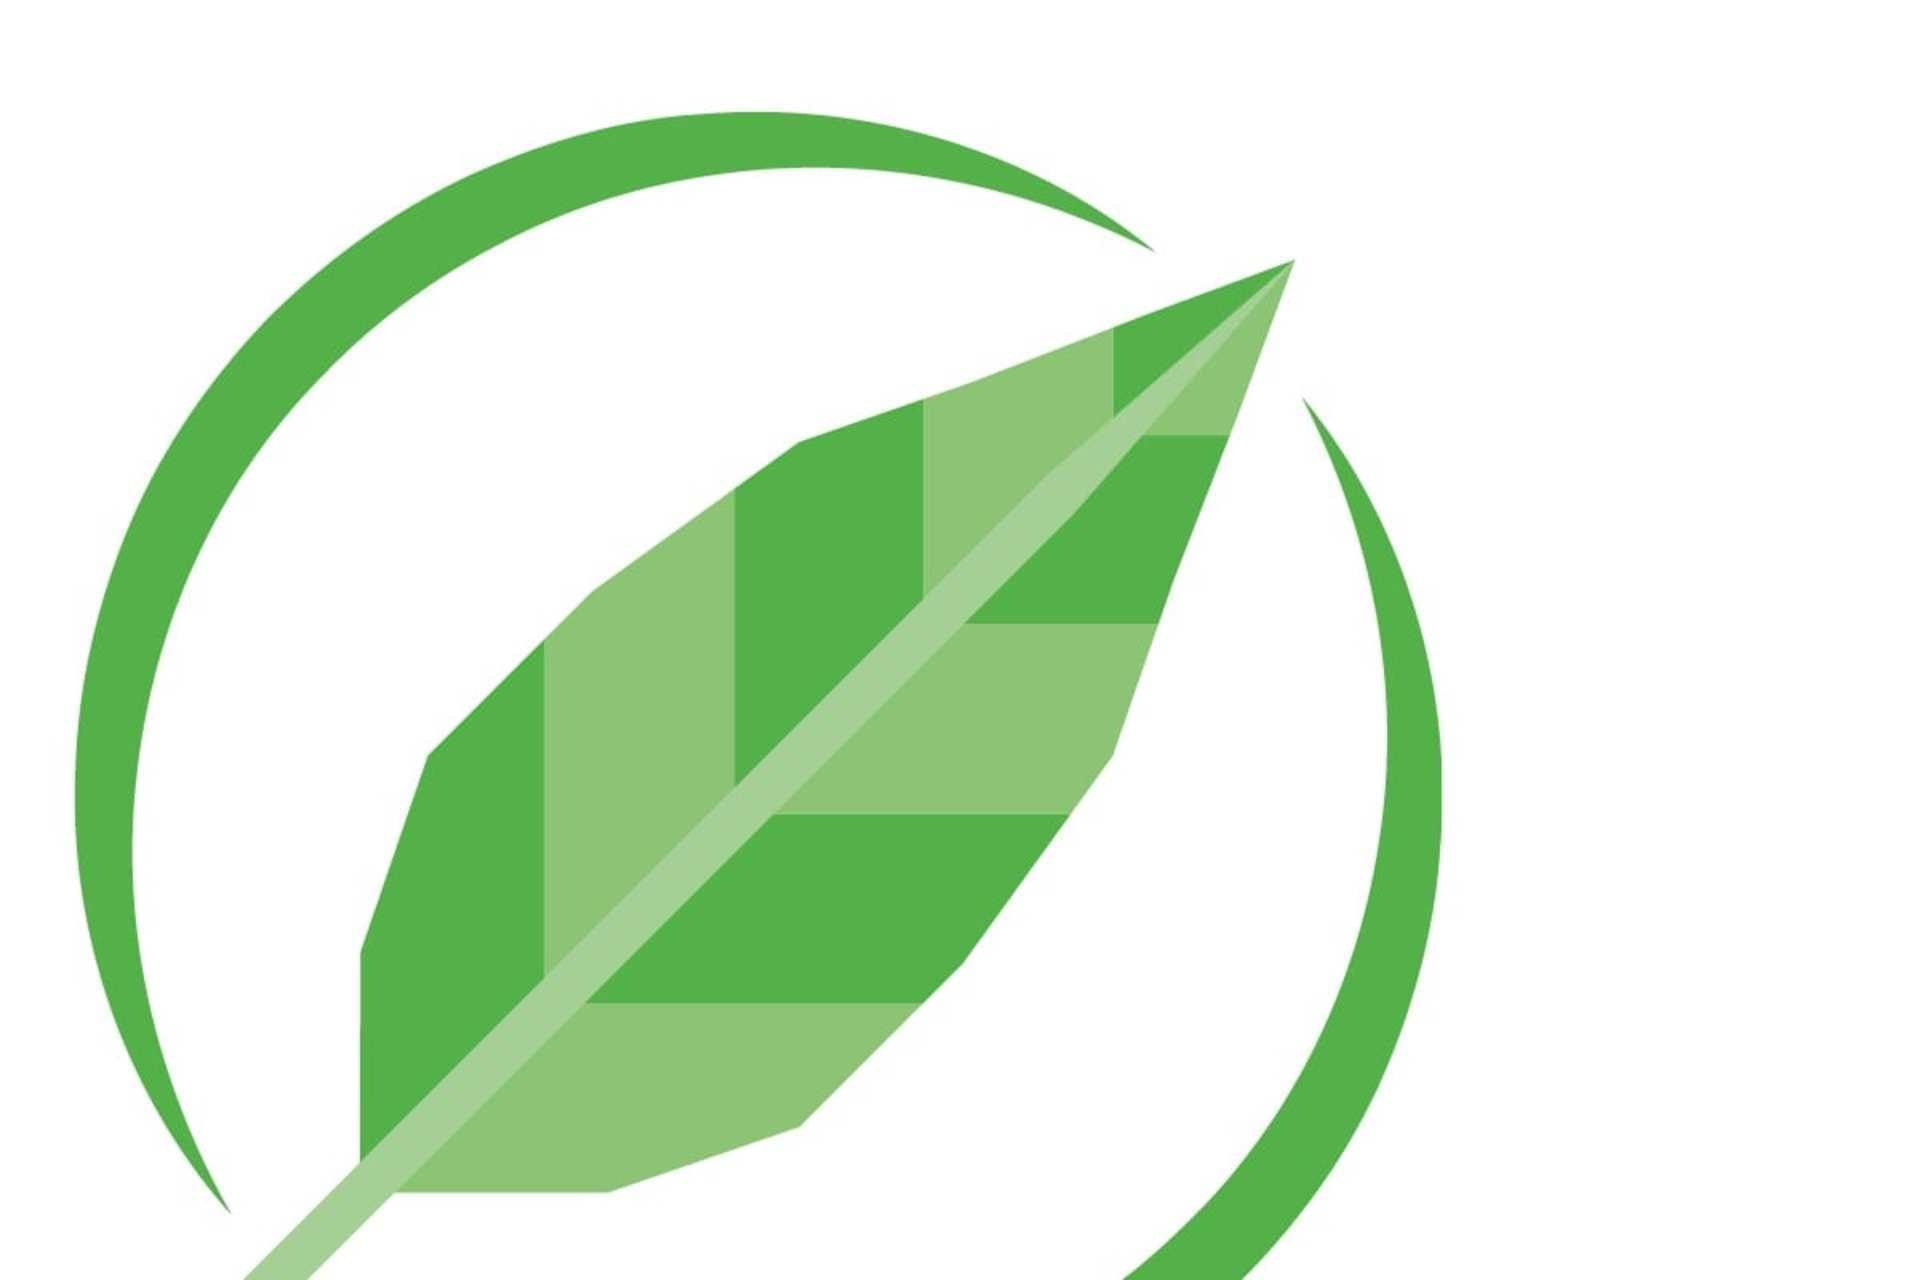 Website_Nachhaltigkeit_GreenTechnology_1200x800px